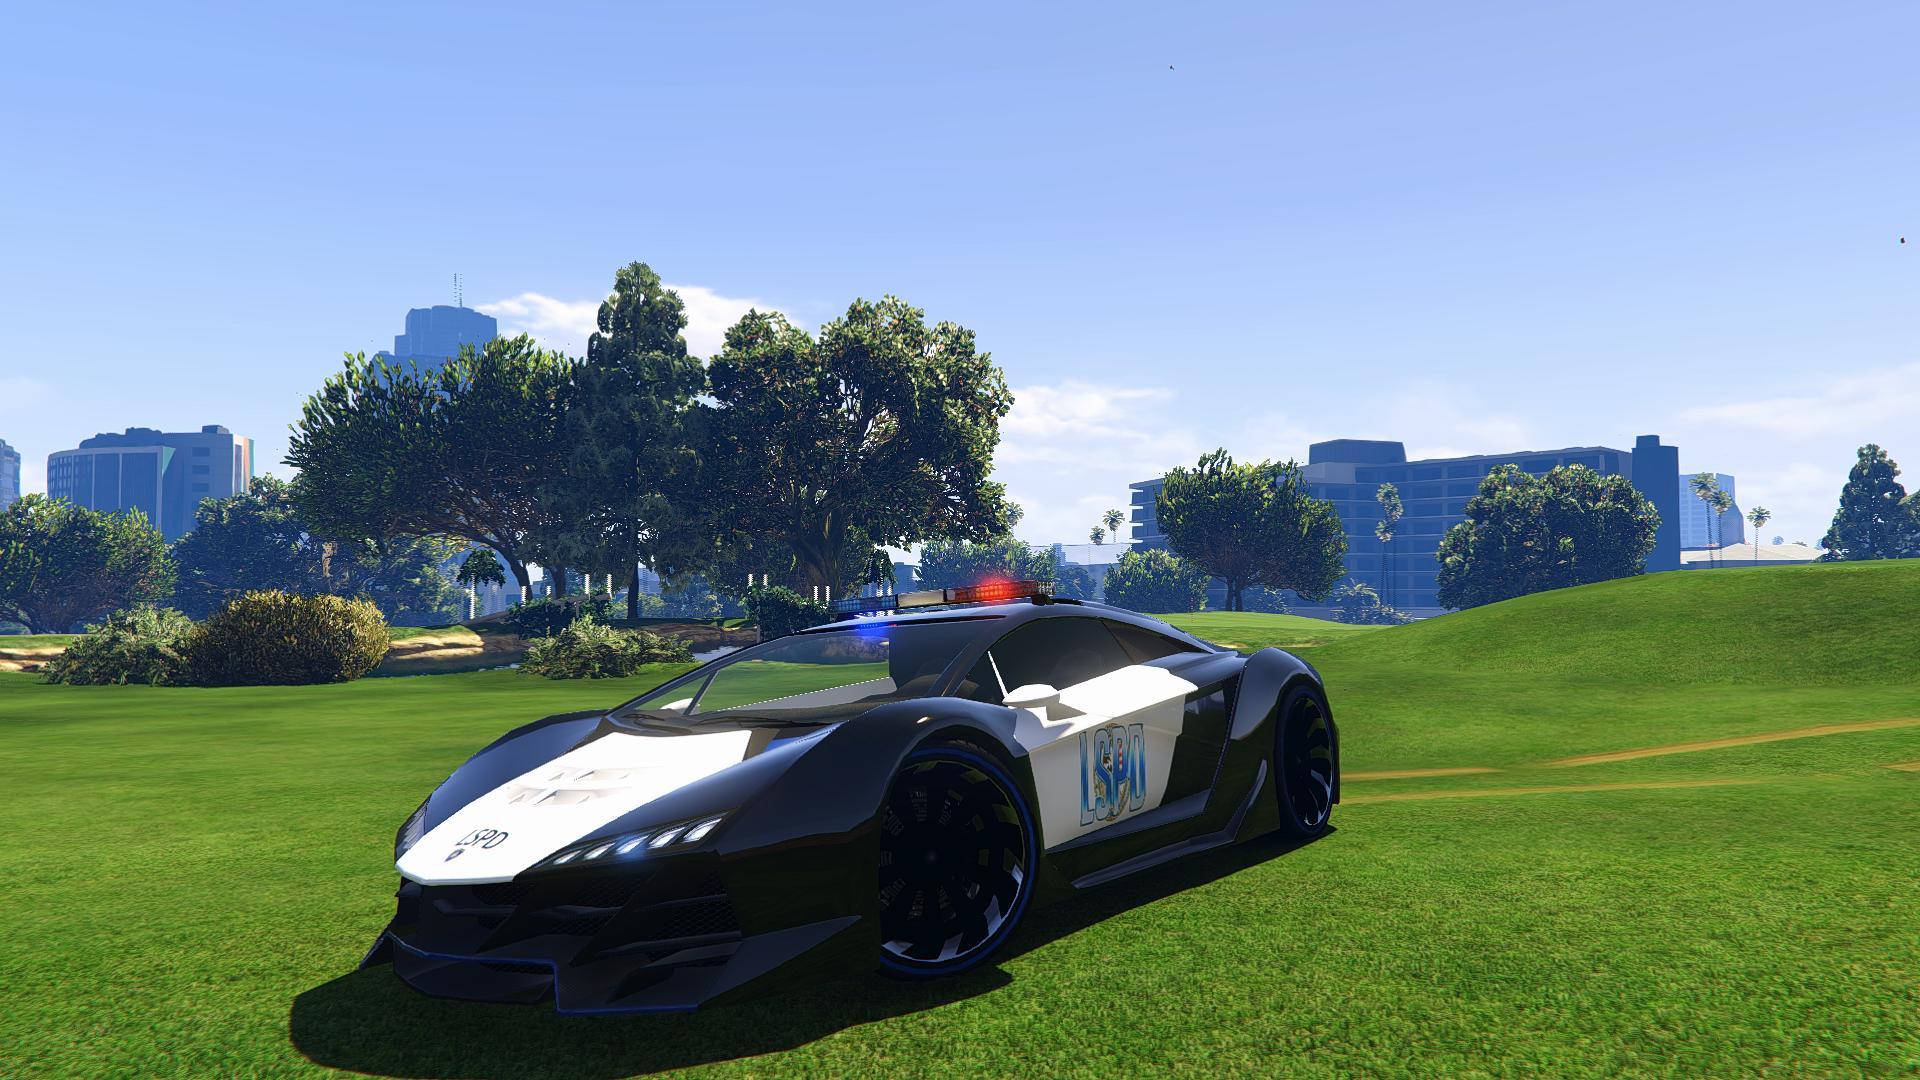 Download The Car Wallpaper Lamborghini Police Zentorno Lspd Vehicules Pour Gta V